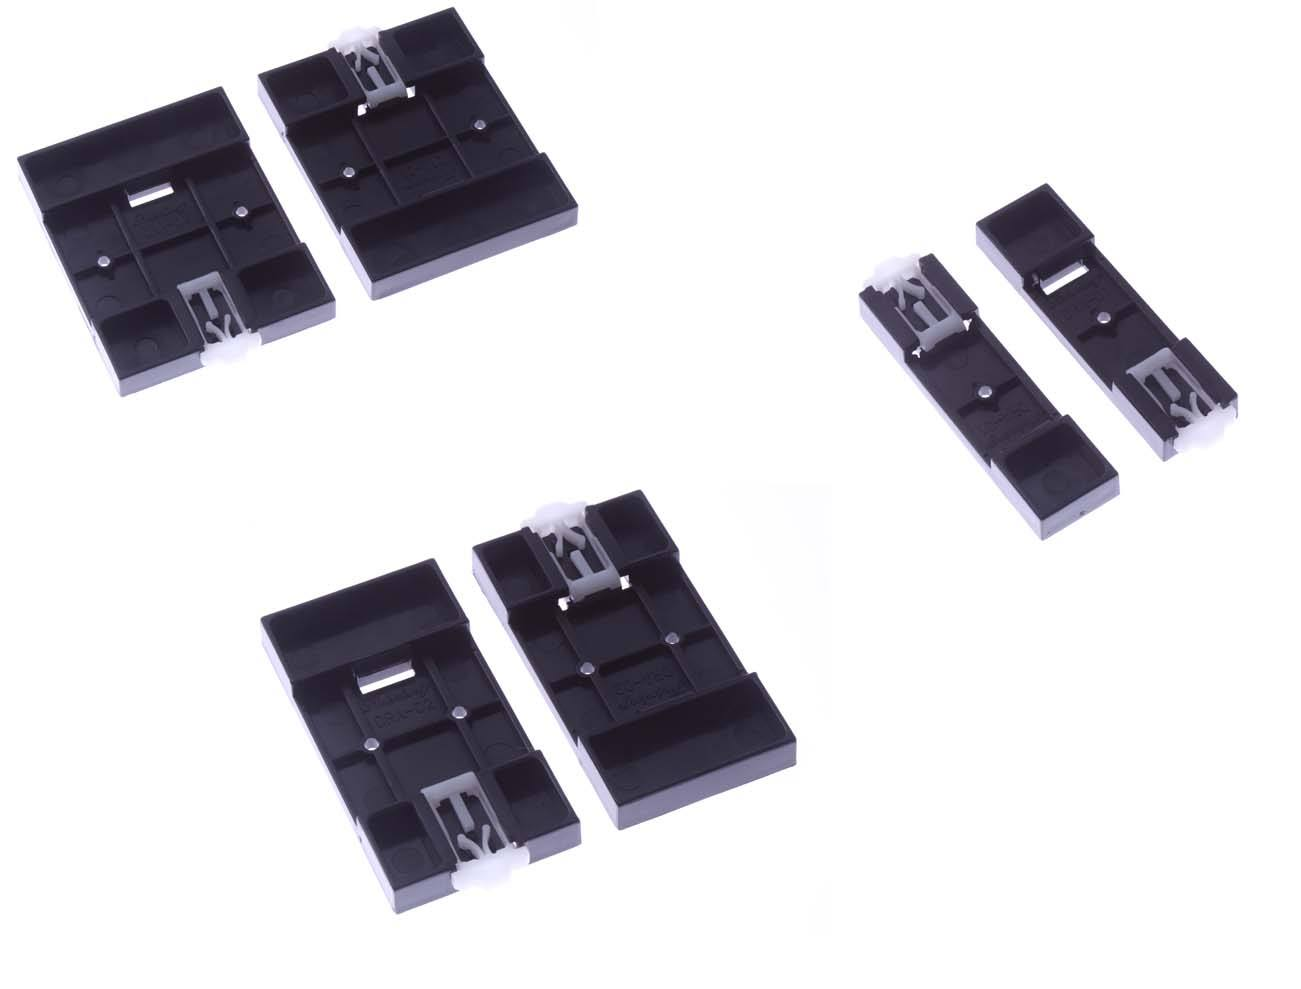 保險絲盒軌道轉接器 - 保險絲盒軌道轉接器